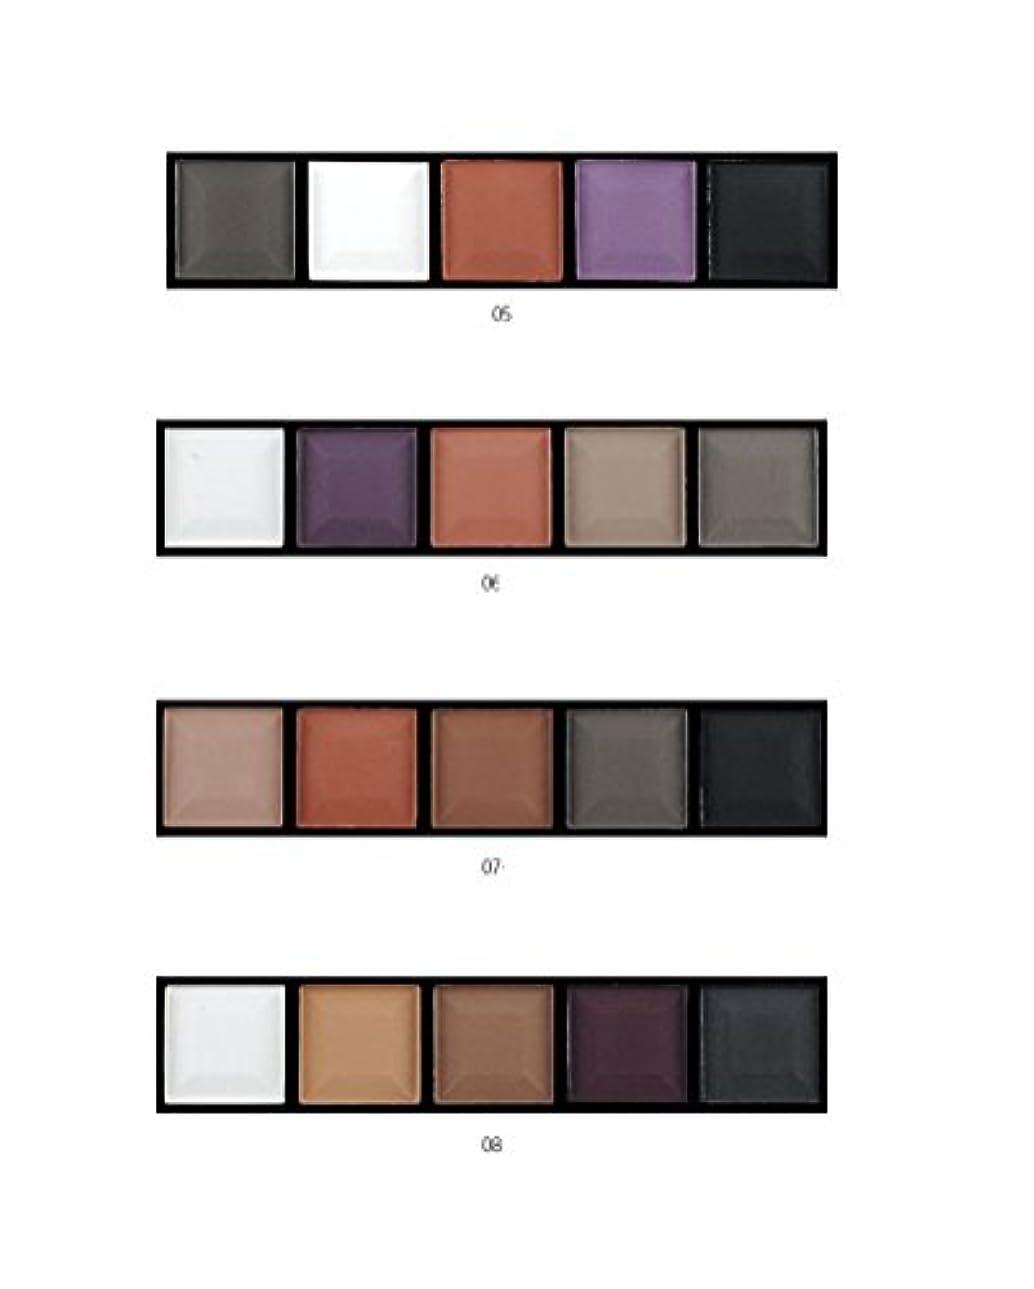 追放するフェデレーション平日MakeupAcc アイシャドウパレット 5色 ブラシ付き 携帯便利 ヌードメイク マット (07) [並行輸入品]